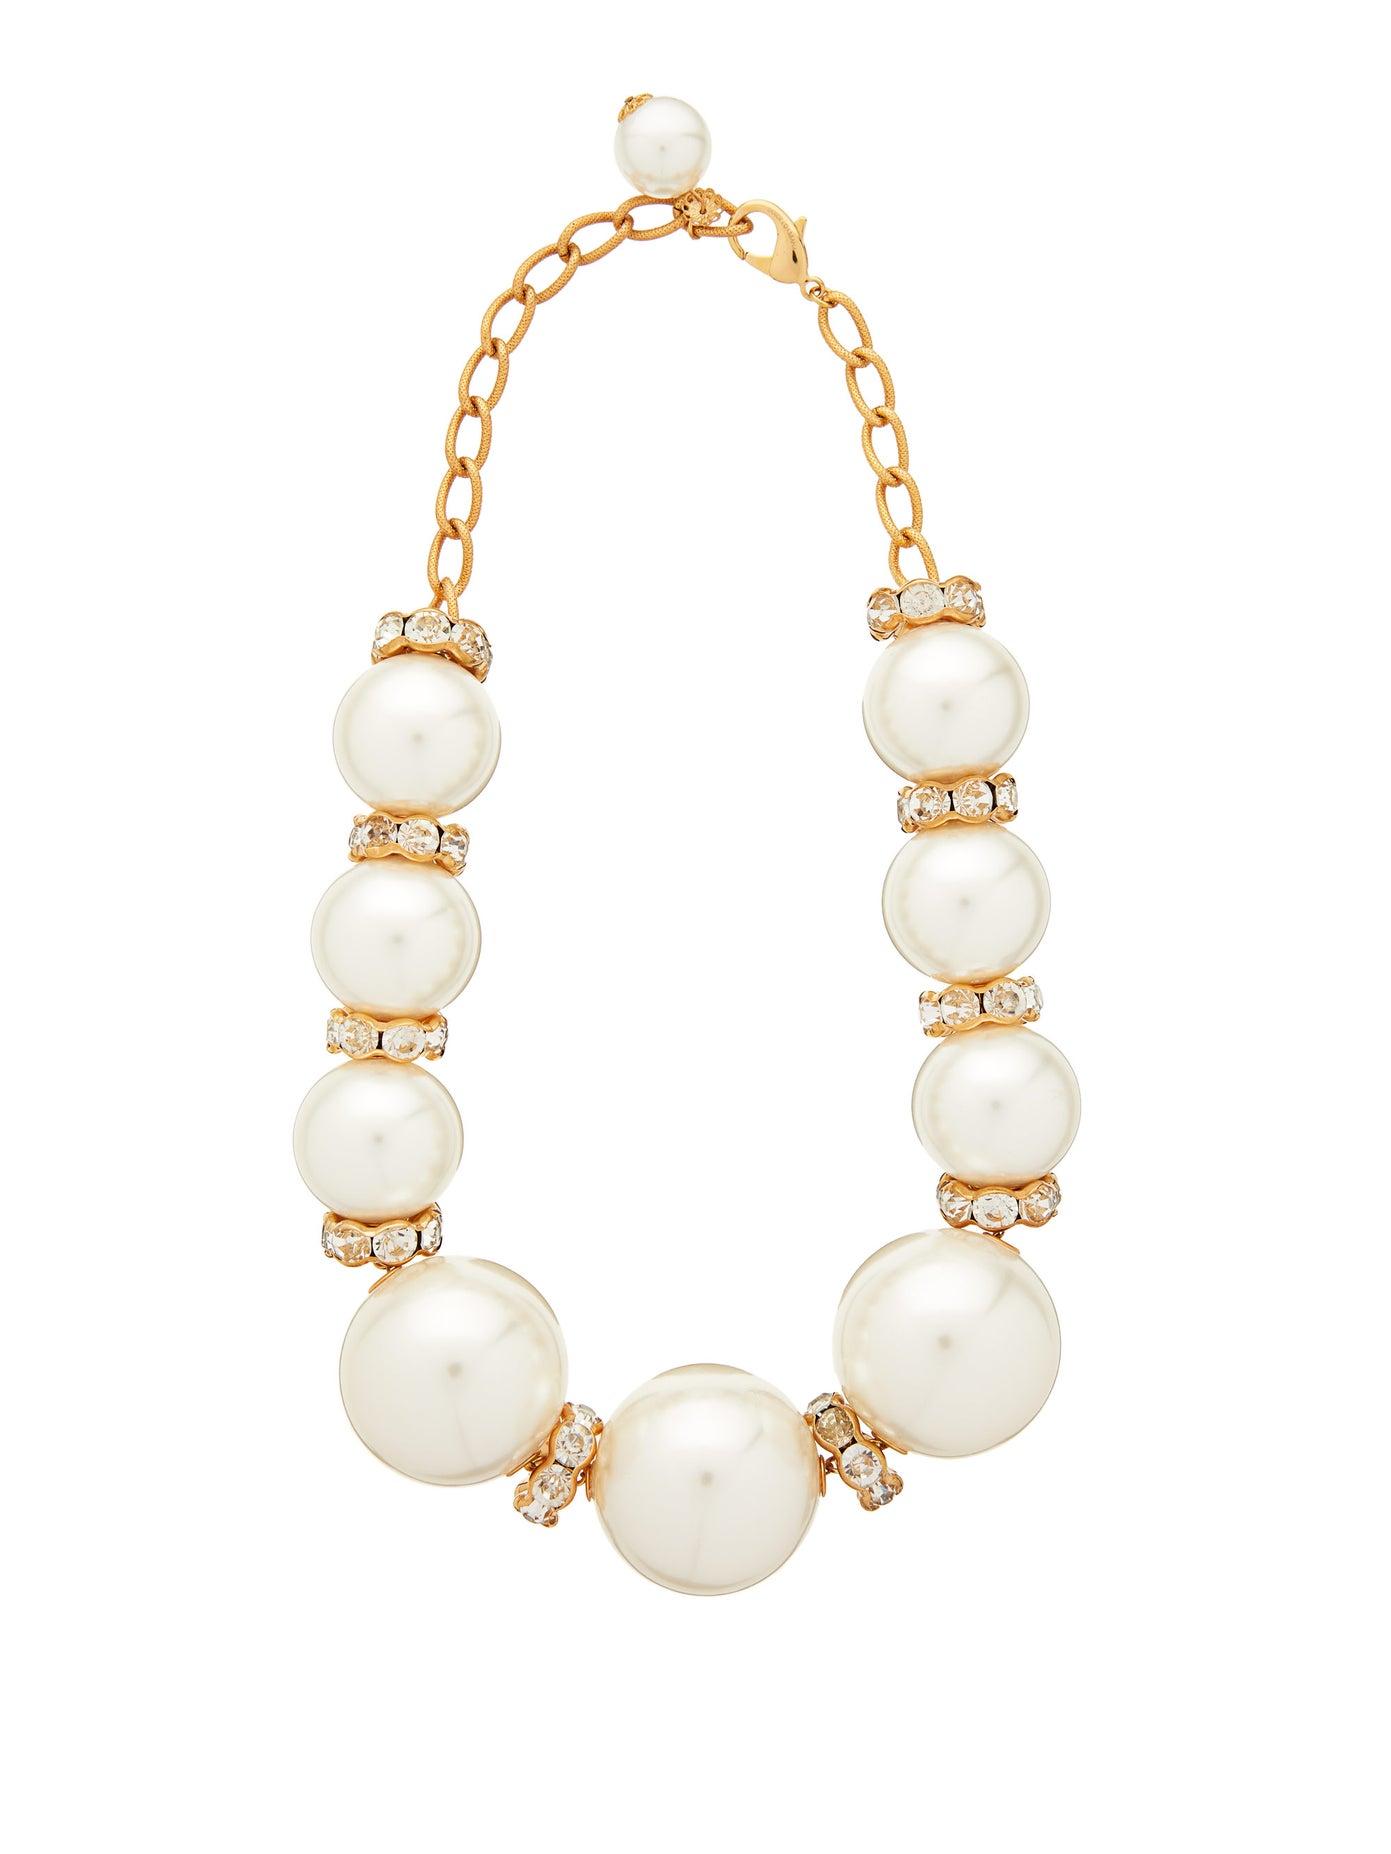 عقد من Dolce and Gabbana تميز بحبّات اللؤلؤ المتفاوتة الحجم وأحجار الماس